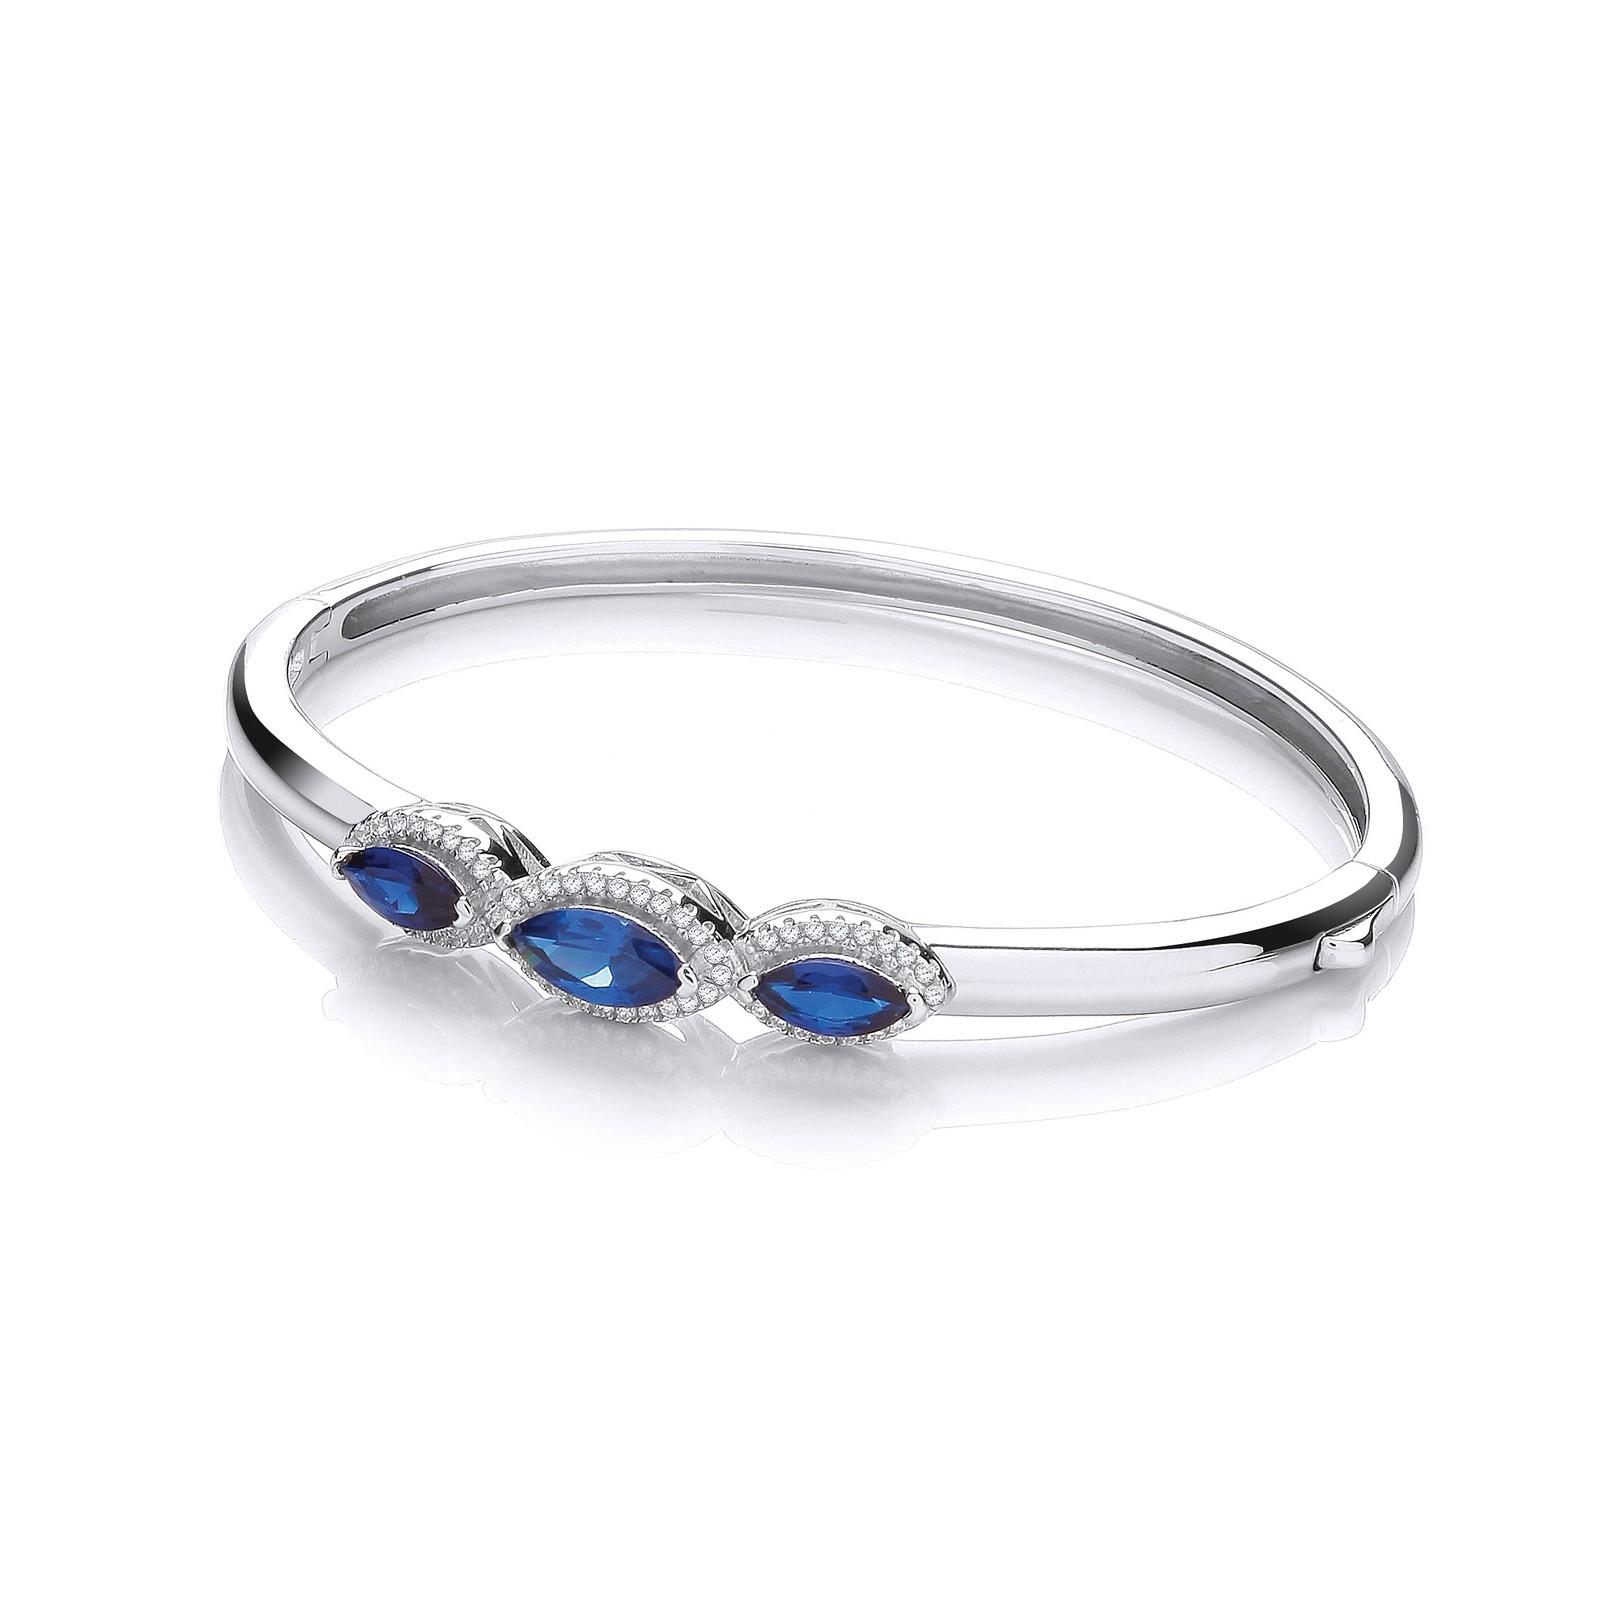 Three Azure Blue Marquise Cz Bangle